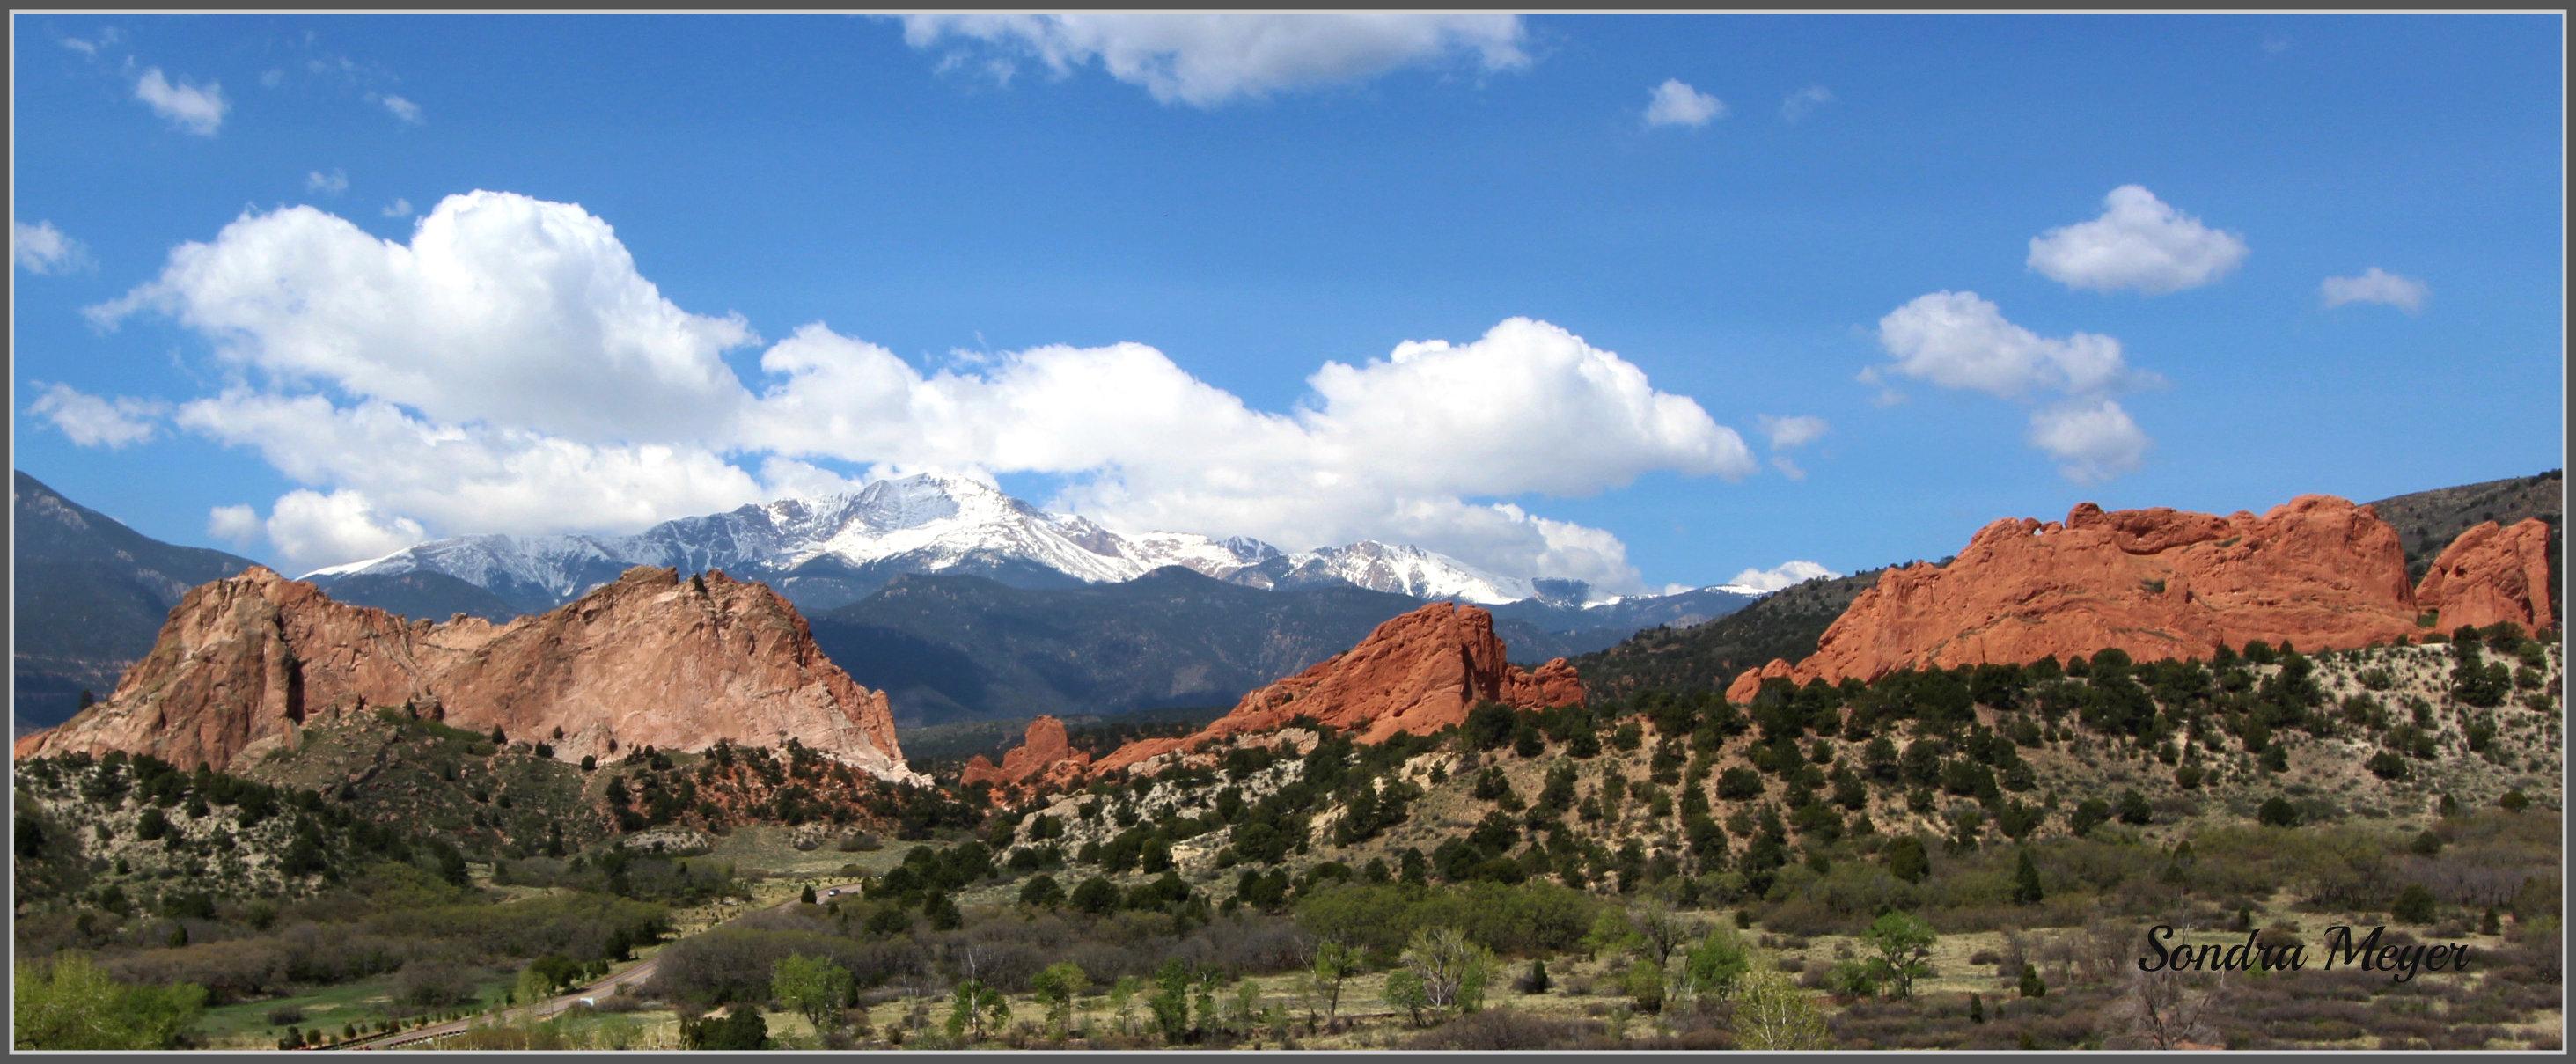 Fun Things To Do In Colorado Springs Garden Of The Gods